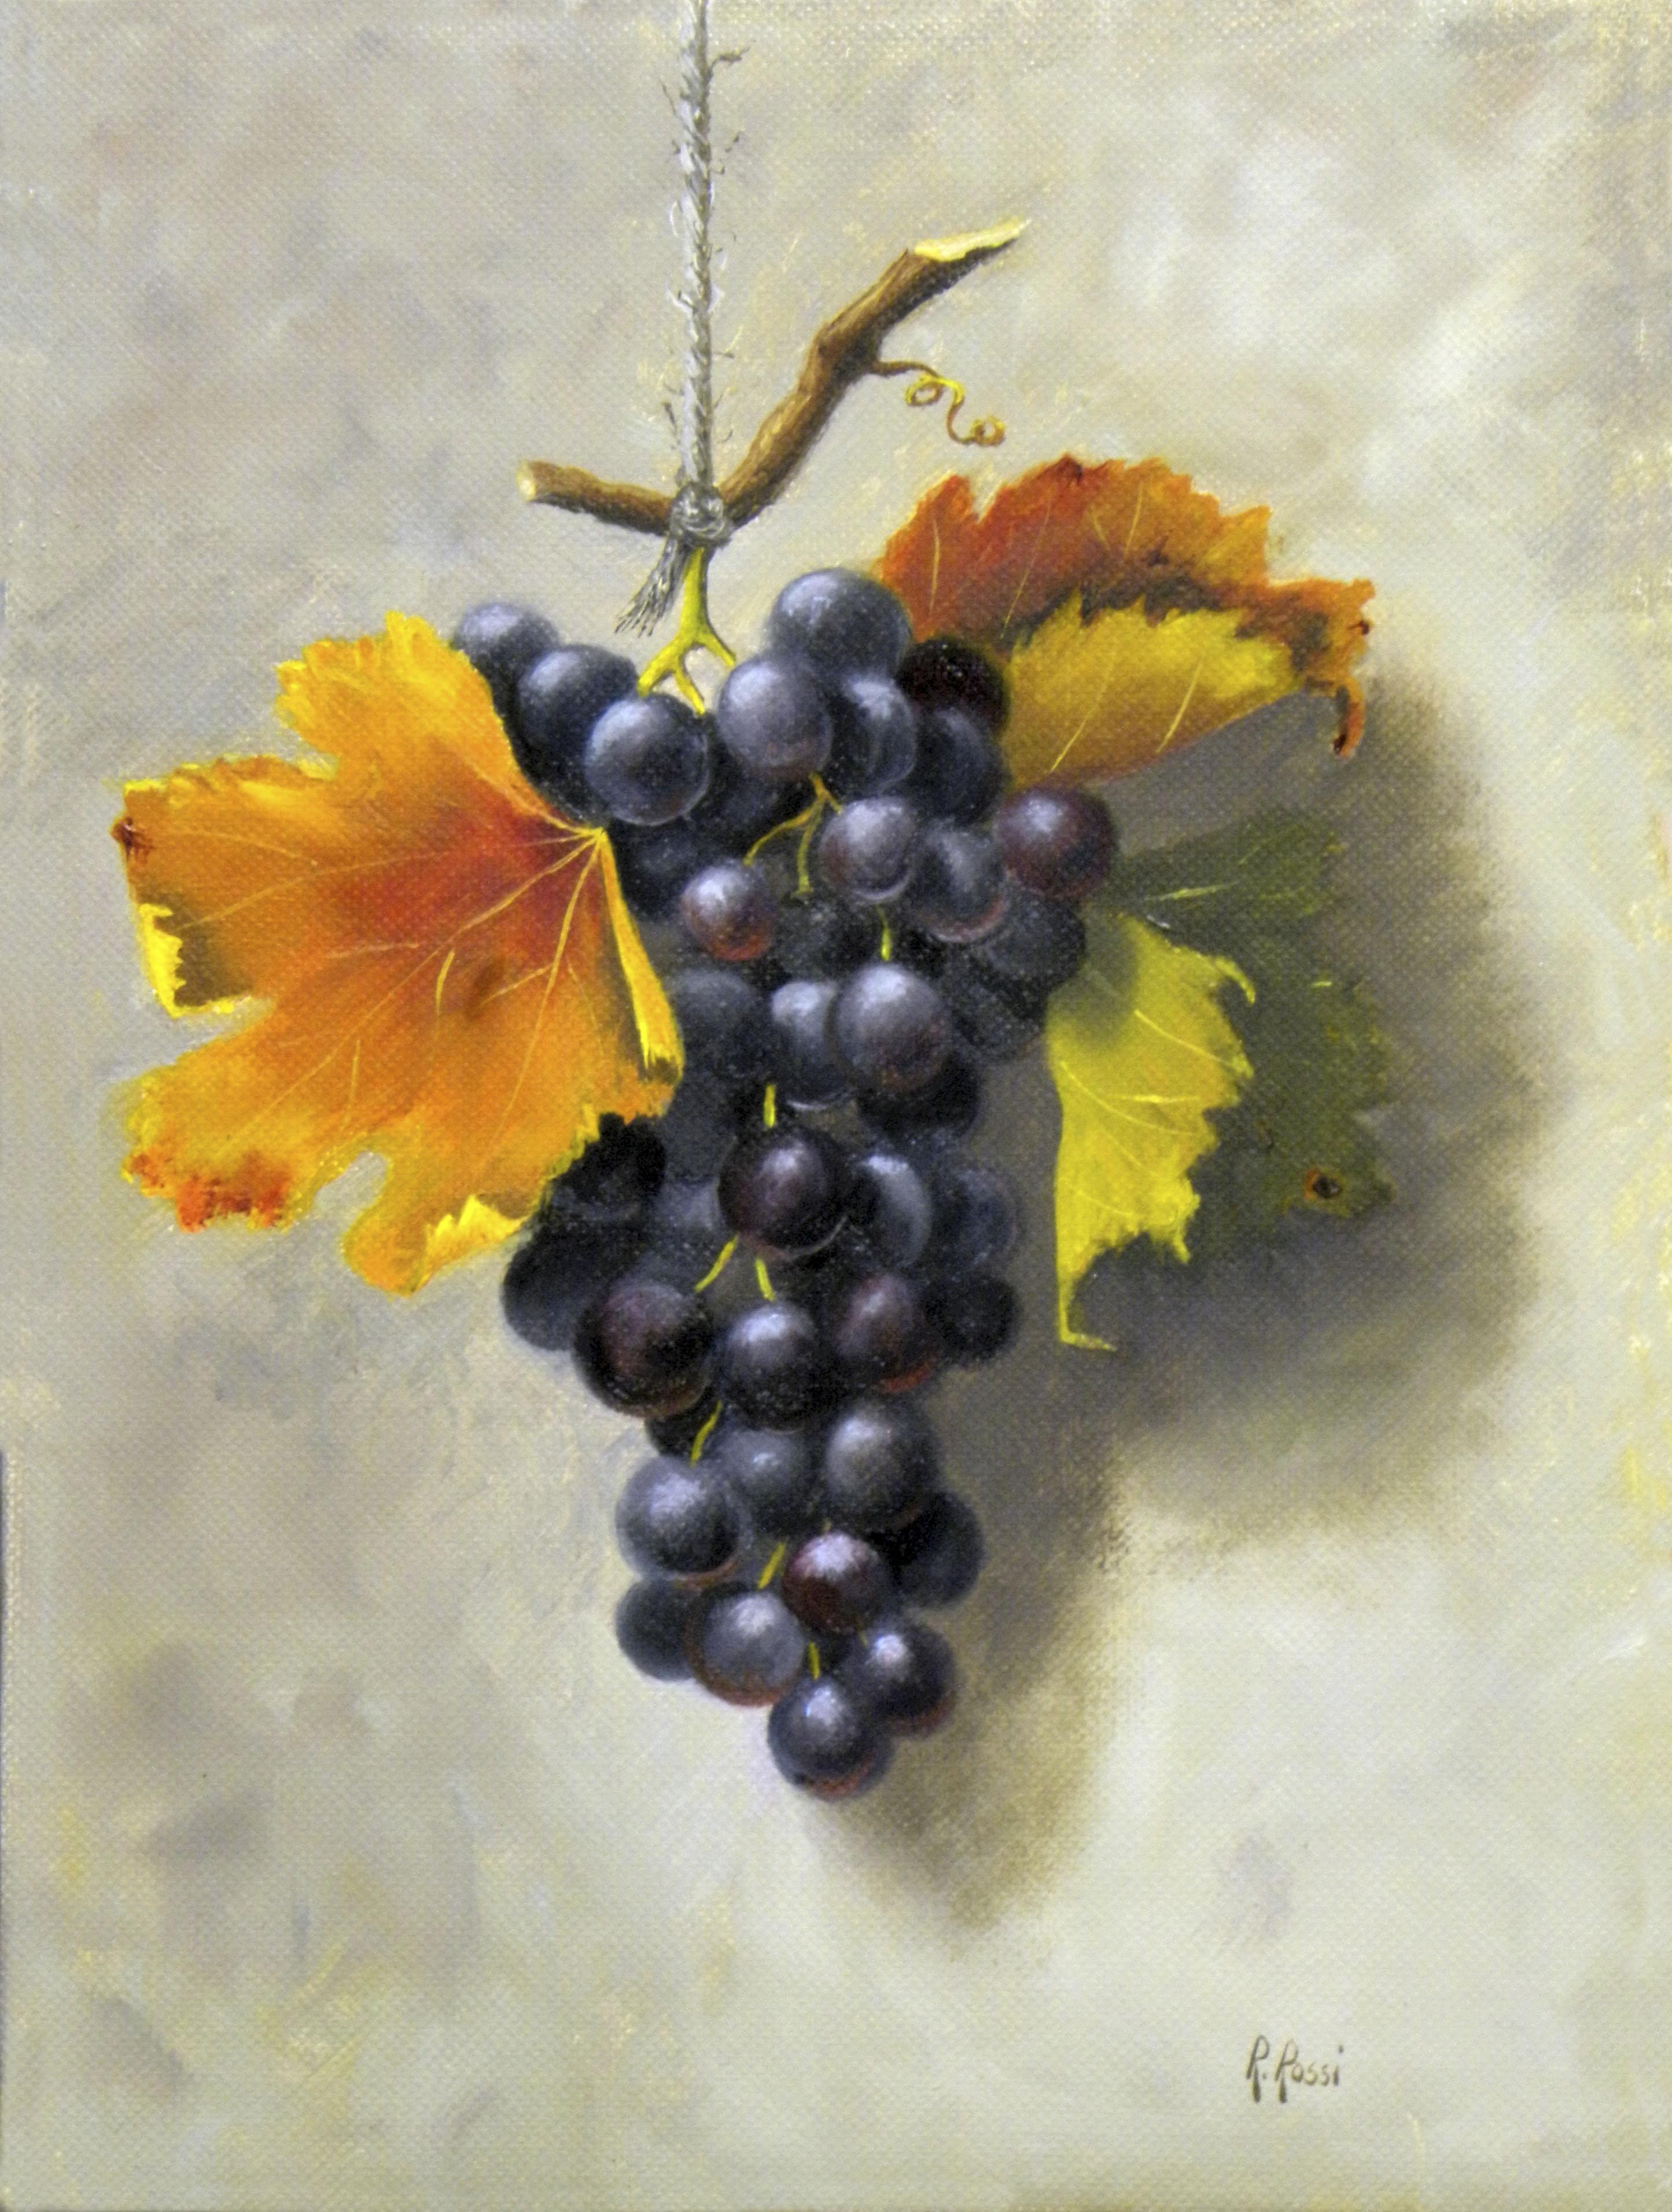 2012 roberta rossi – il grappolo appeso – olio su tela – 24 x 18